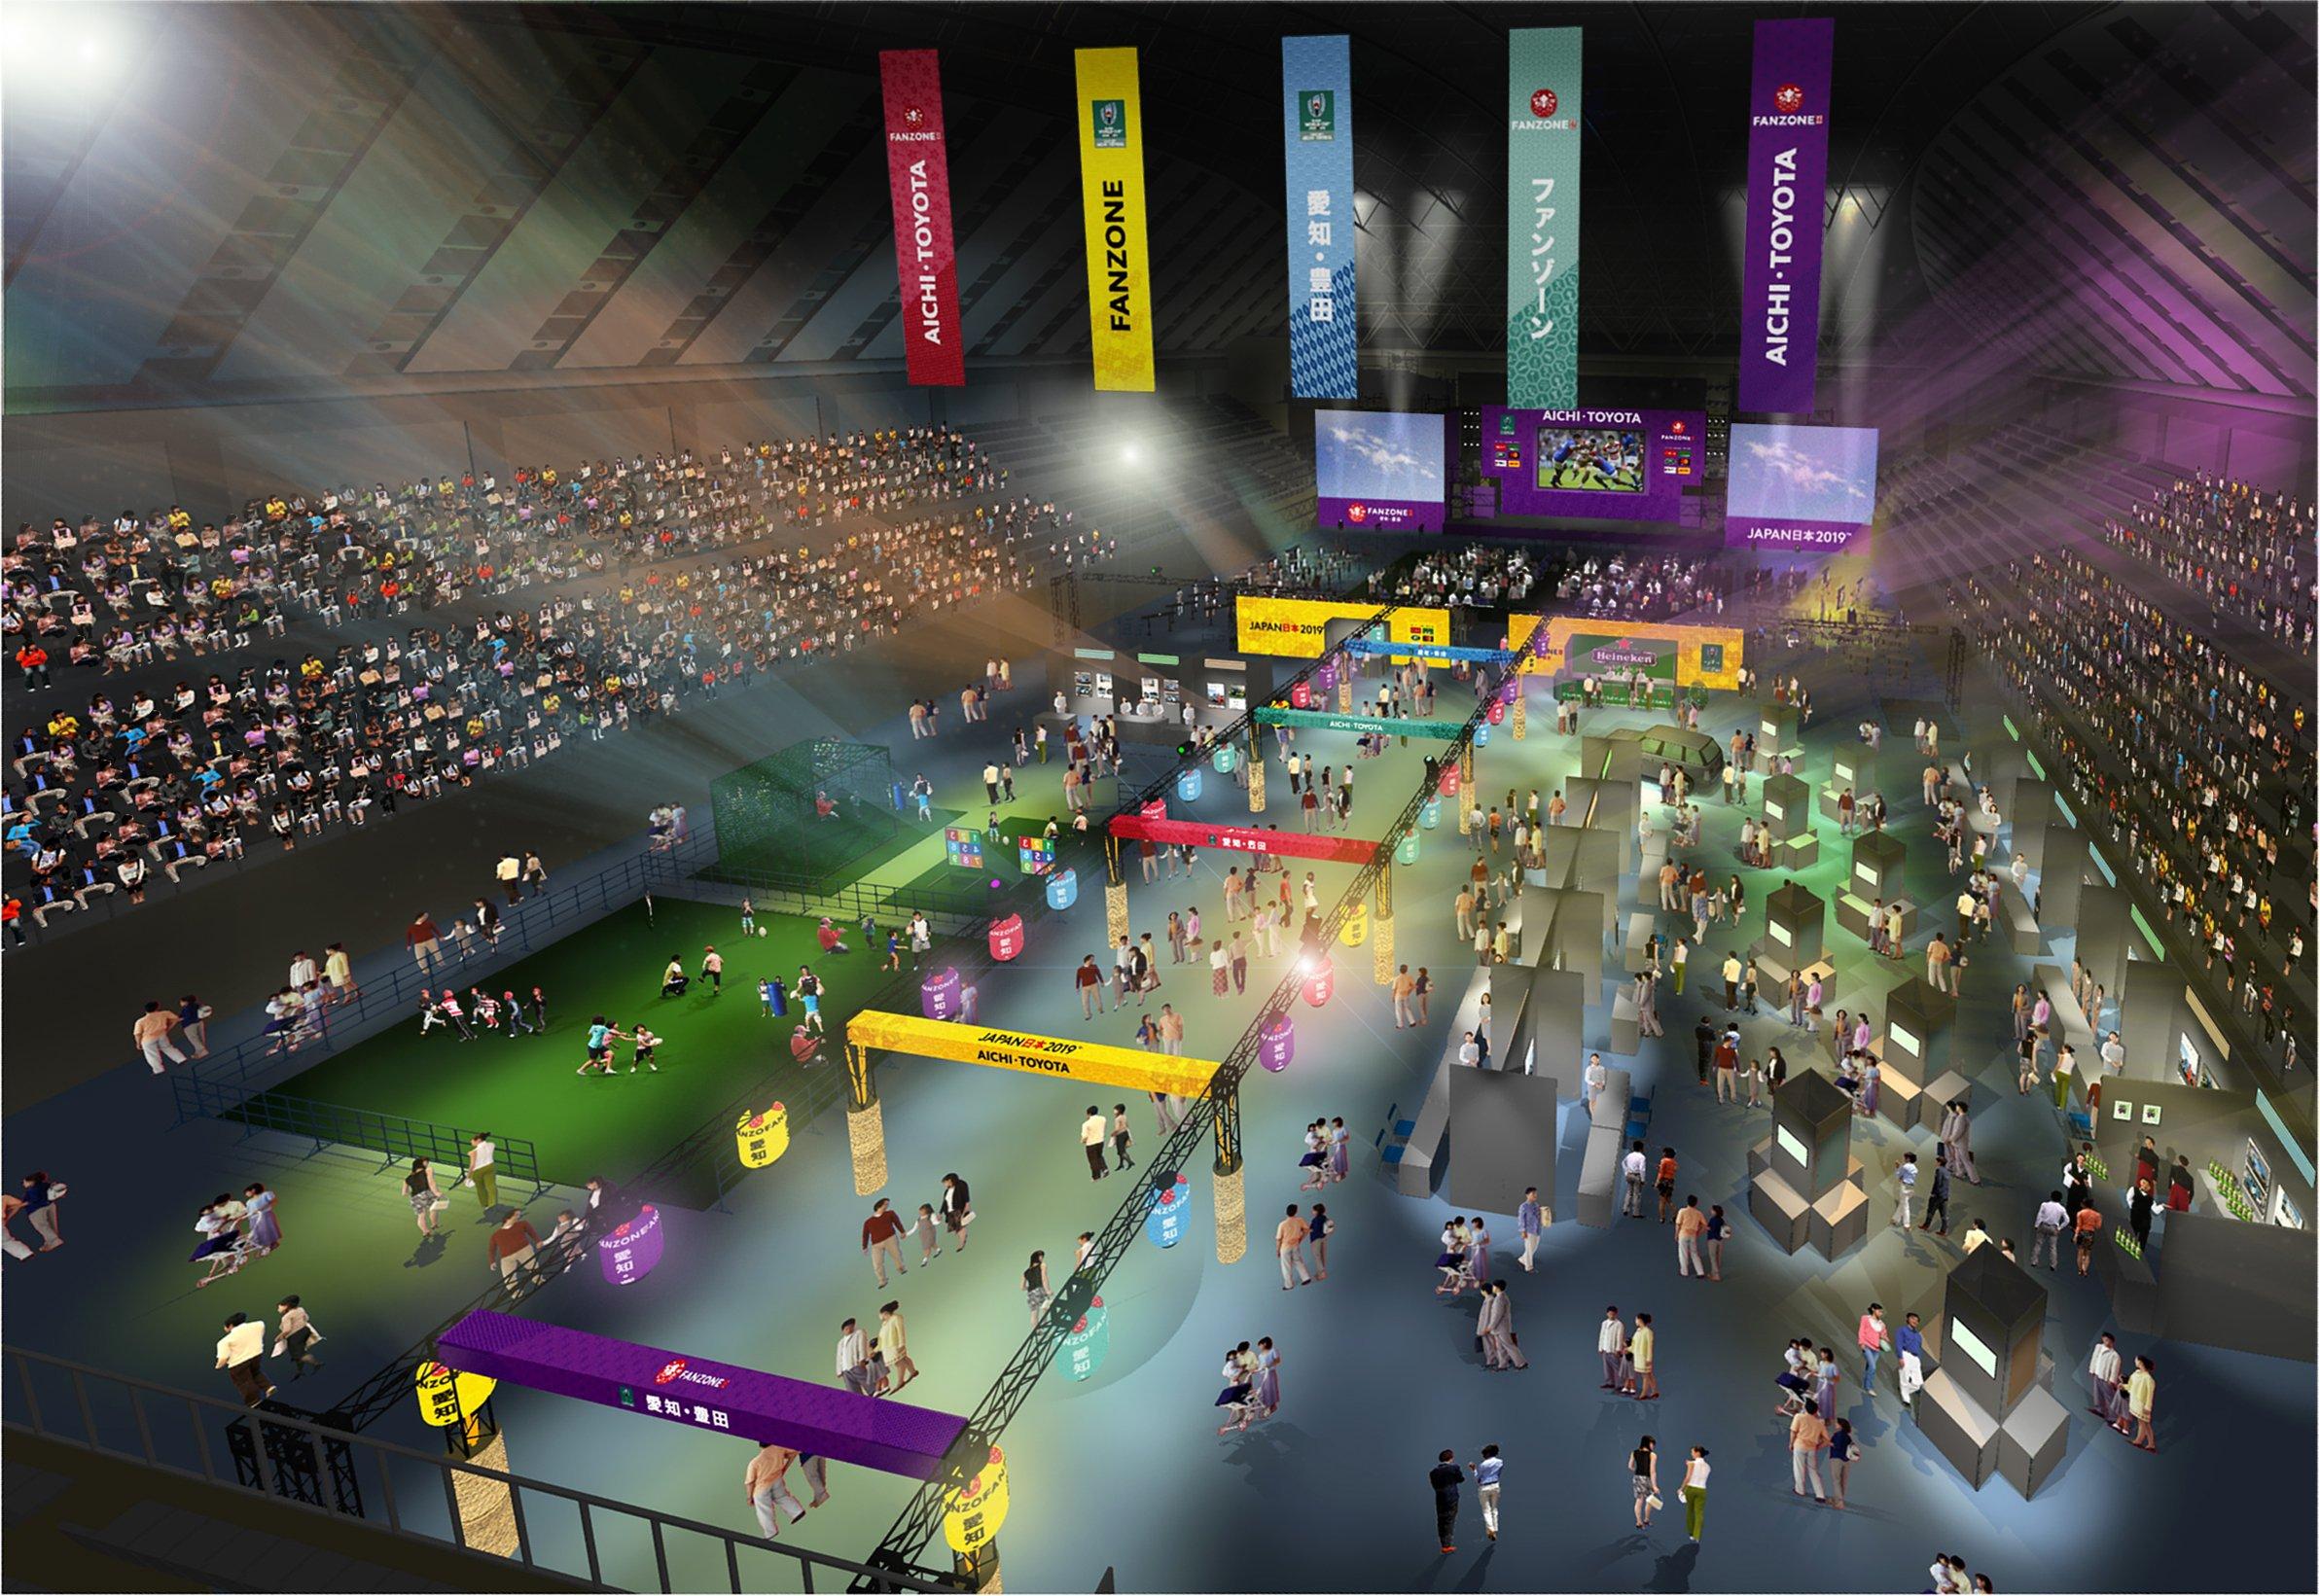 ラグビーワールドカップ2019のファンゾーンのイメージ